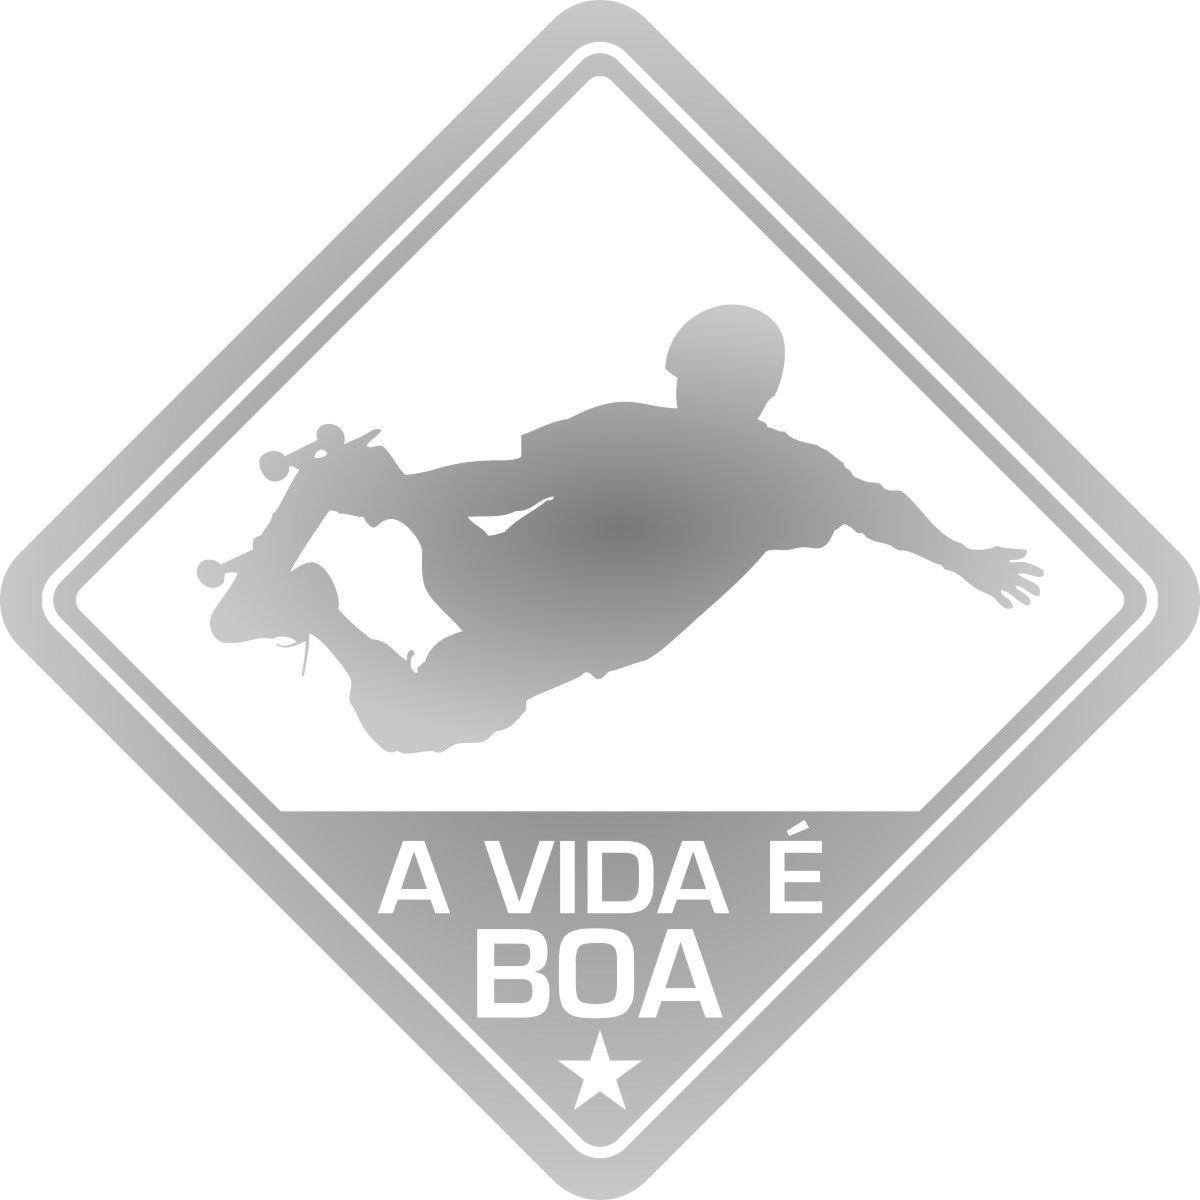 Adesivo Coleção Vinil Studio - A Vida É Boa!  Skate